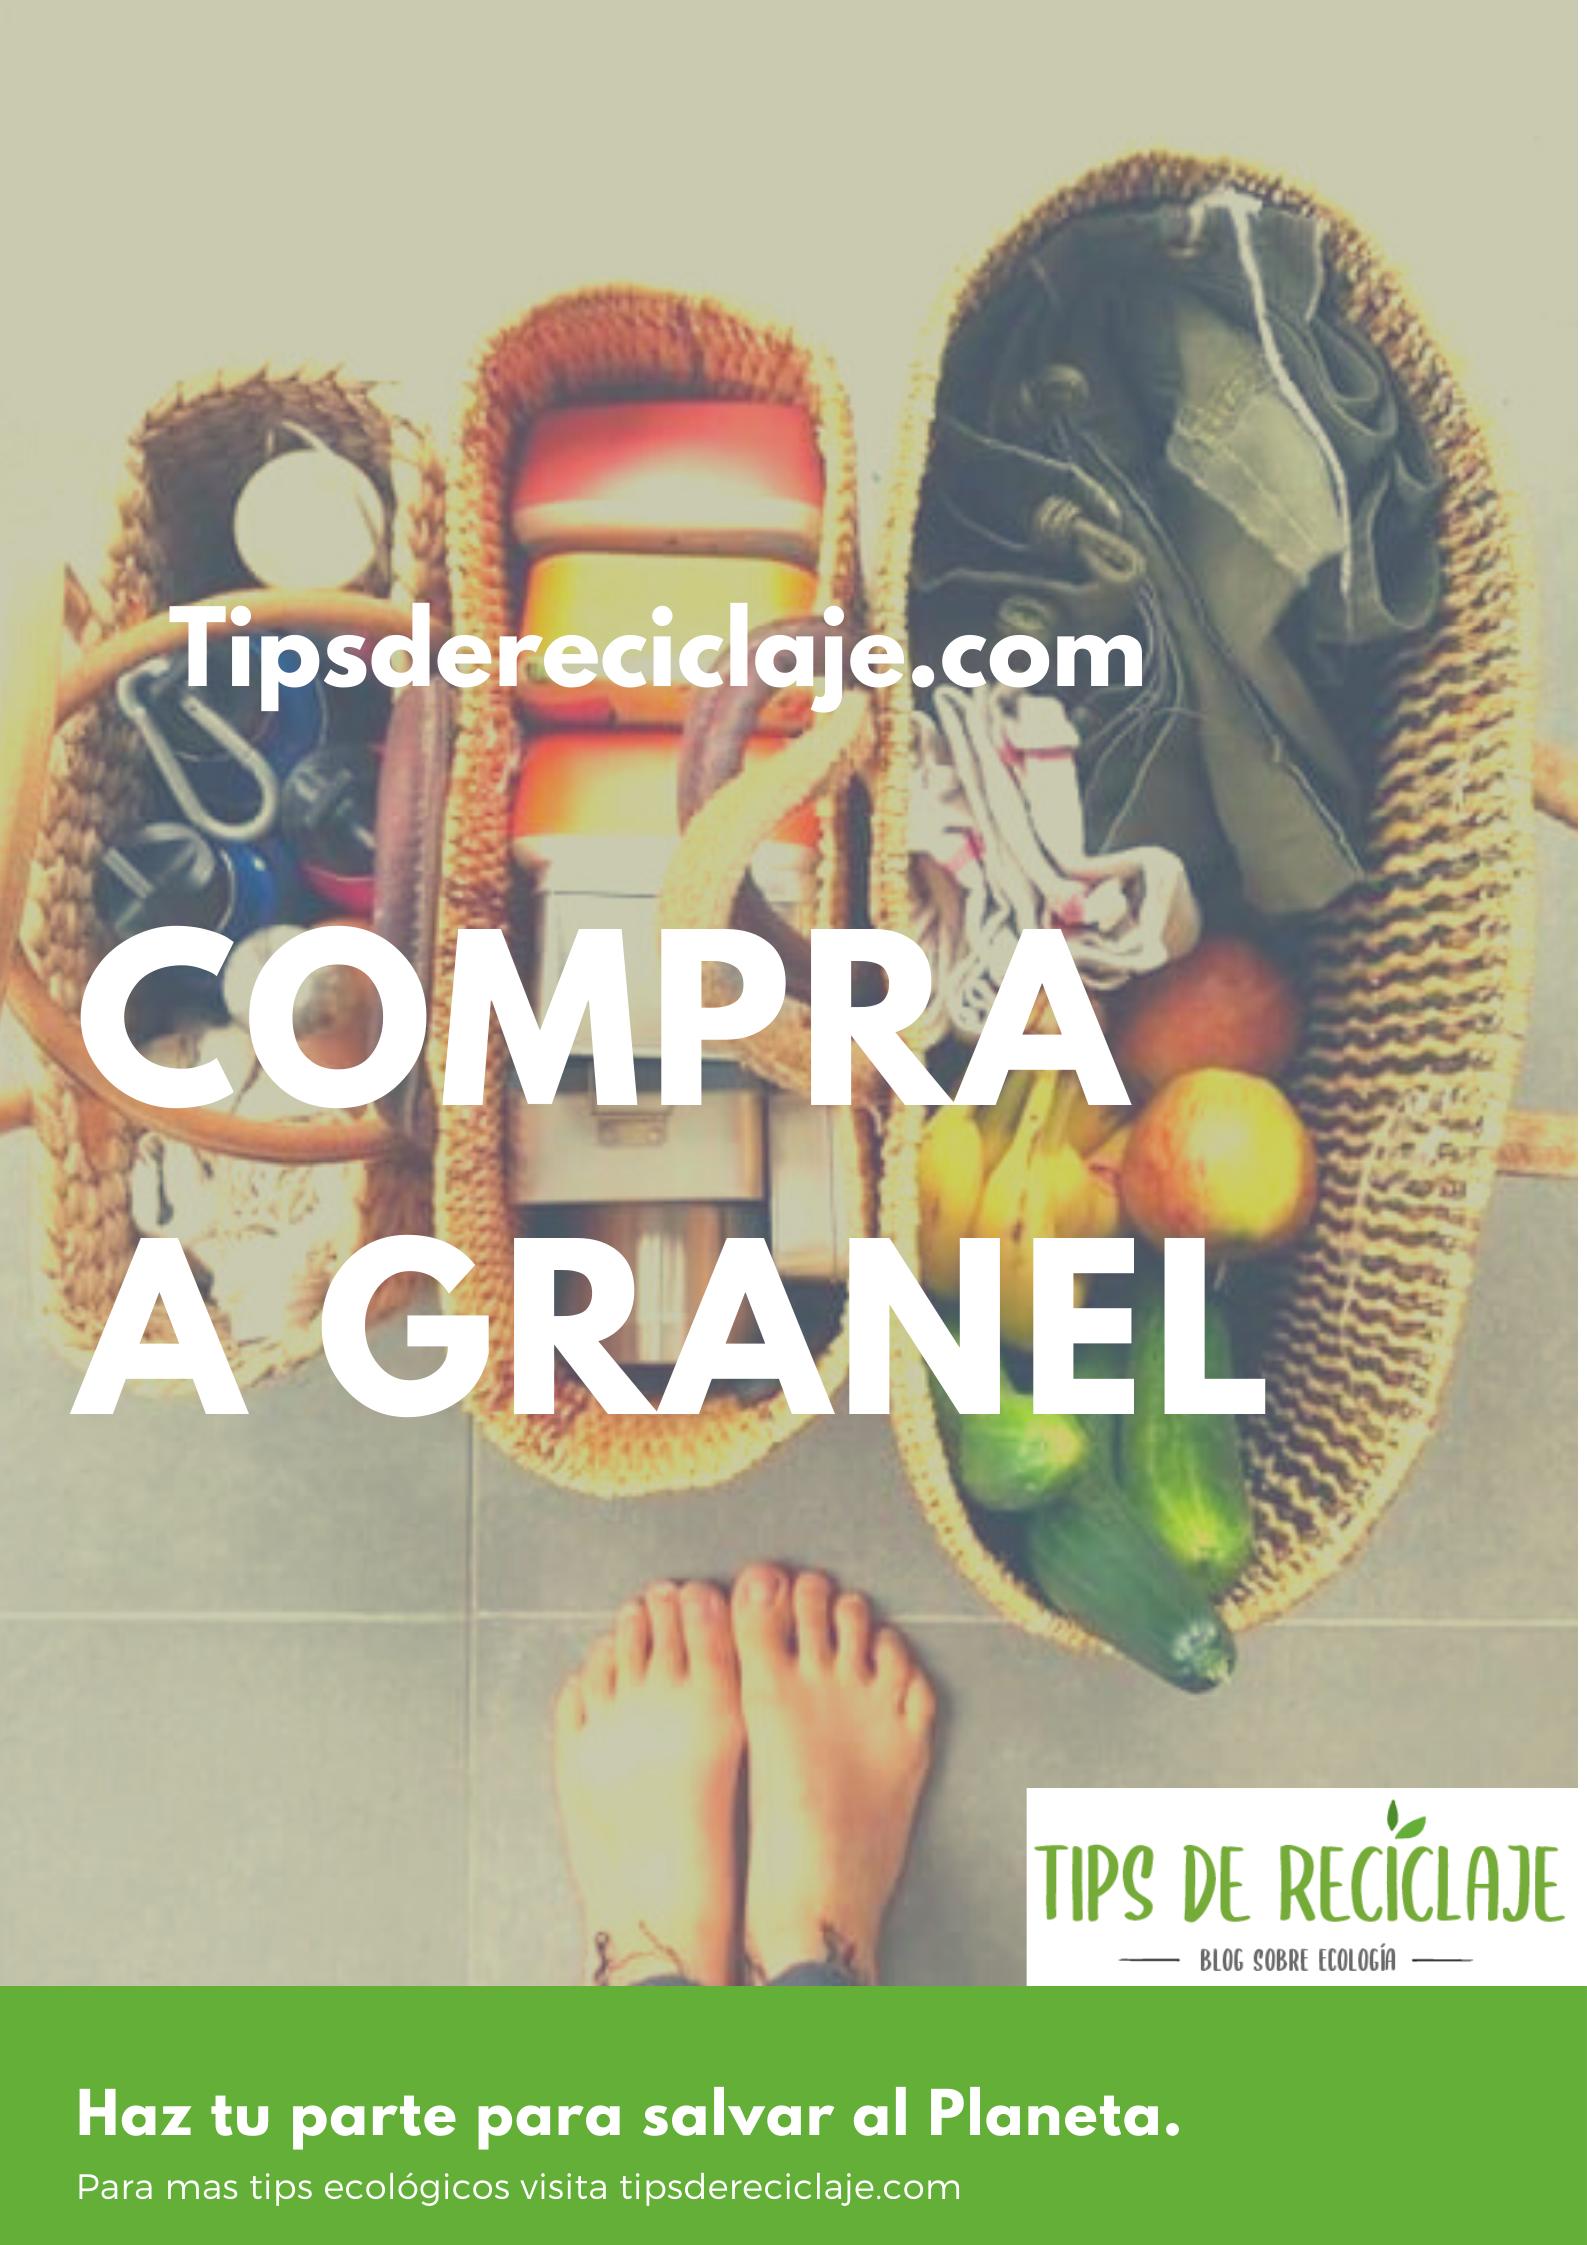 Tip 8 Compra A Granel Compras Granel Vida Sustentable